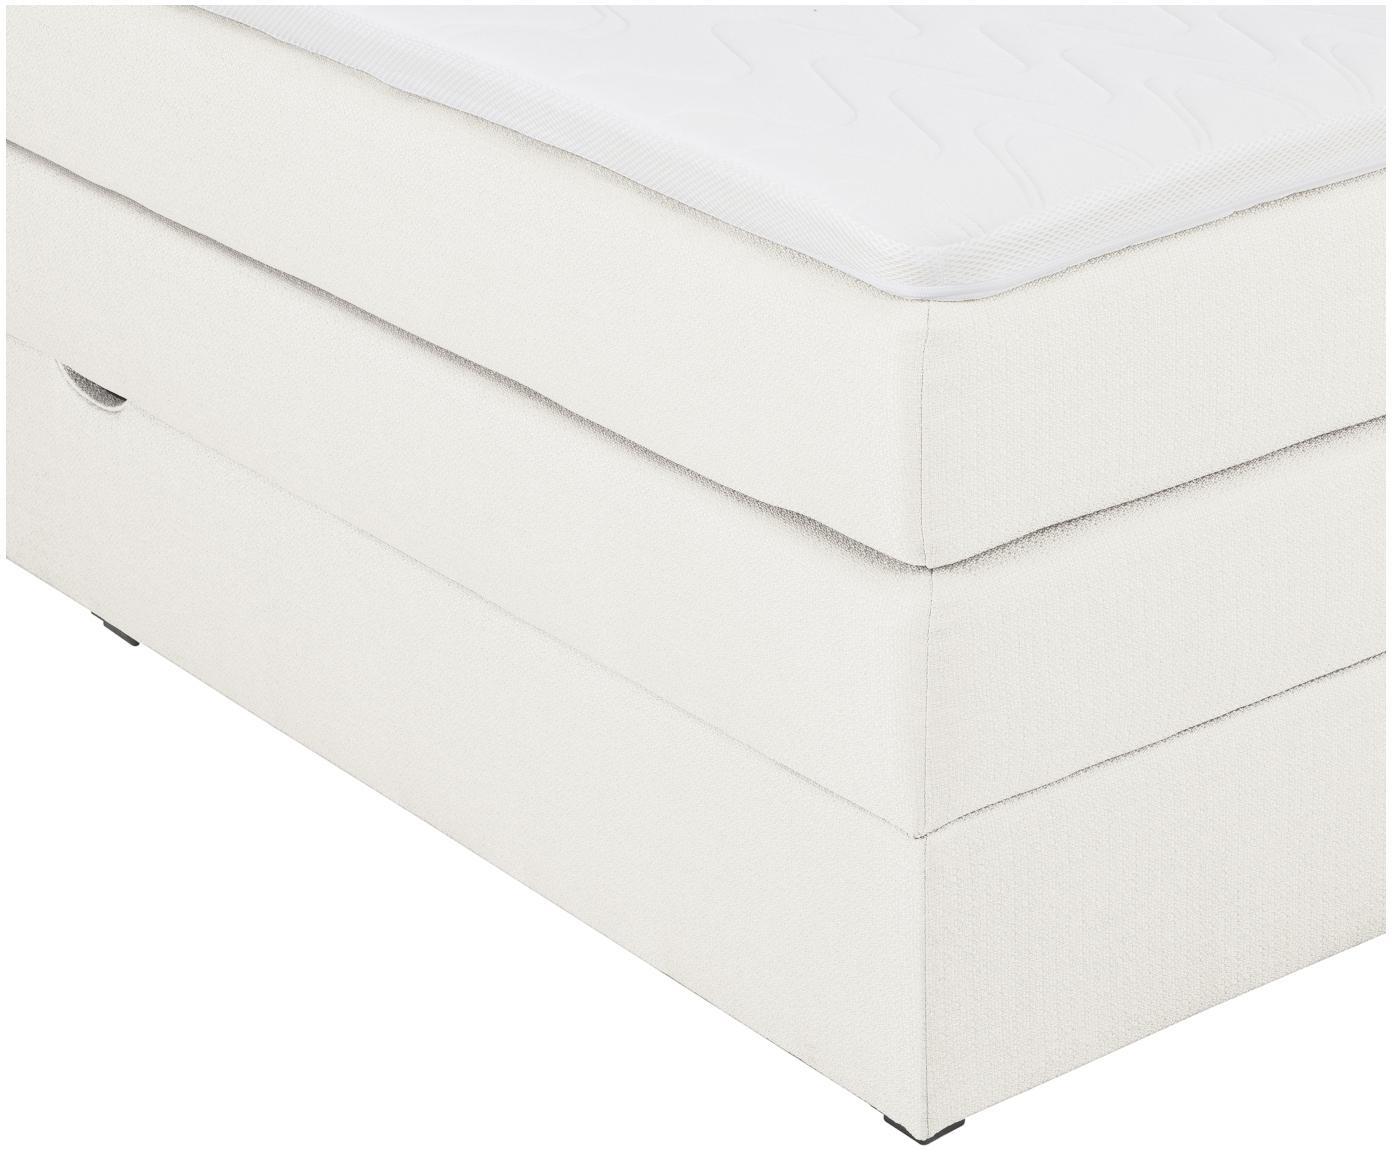 Basis boxspring bed Fendy met opbergruimte, Matras: 7-zones-pocketvering met , Poten: kunststof, Crèmekleurig, 140 x 200 cm